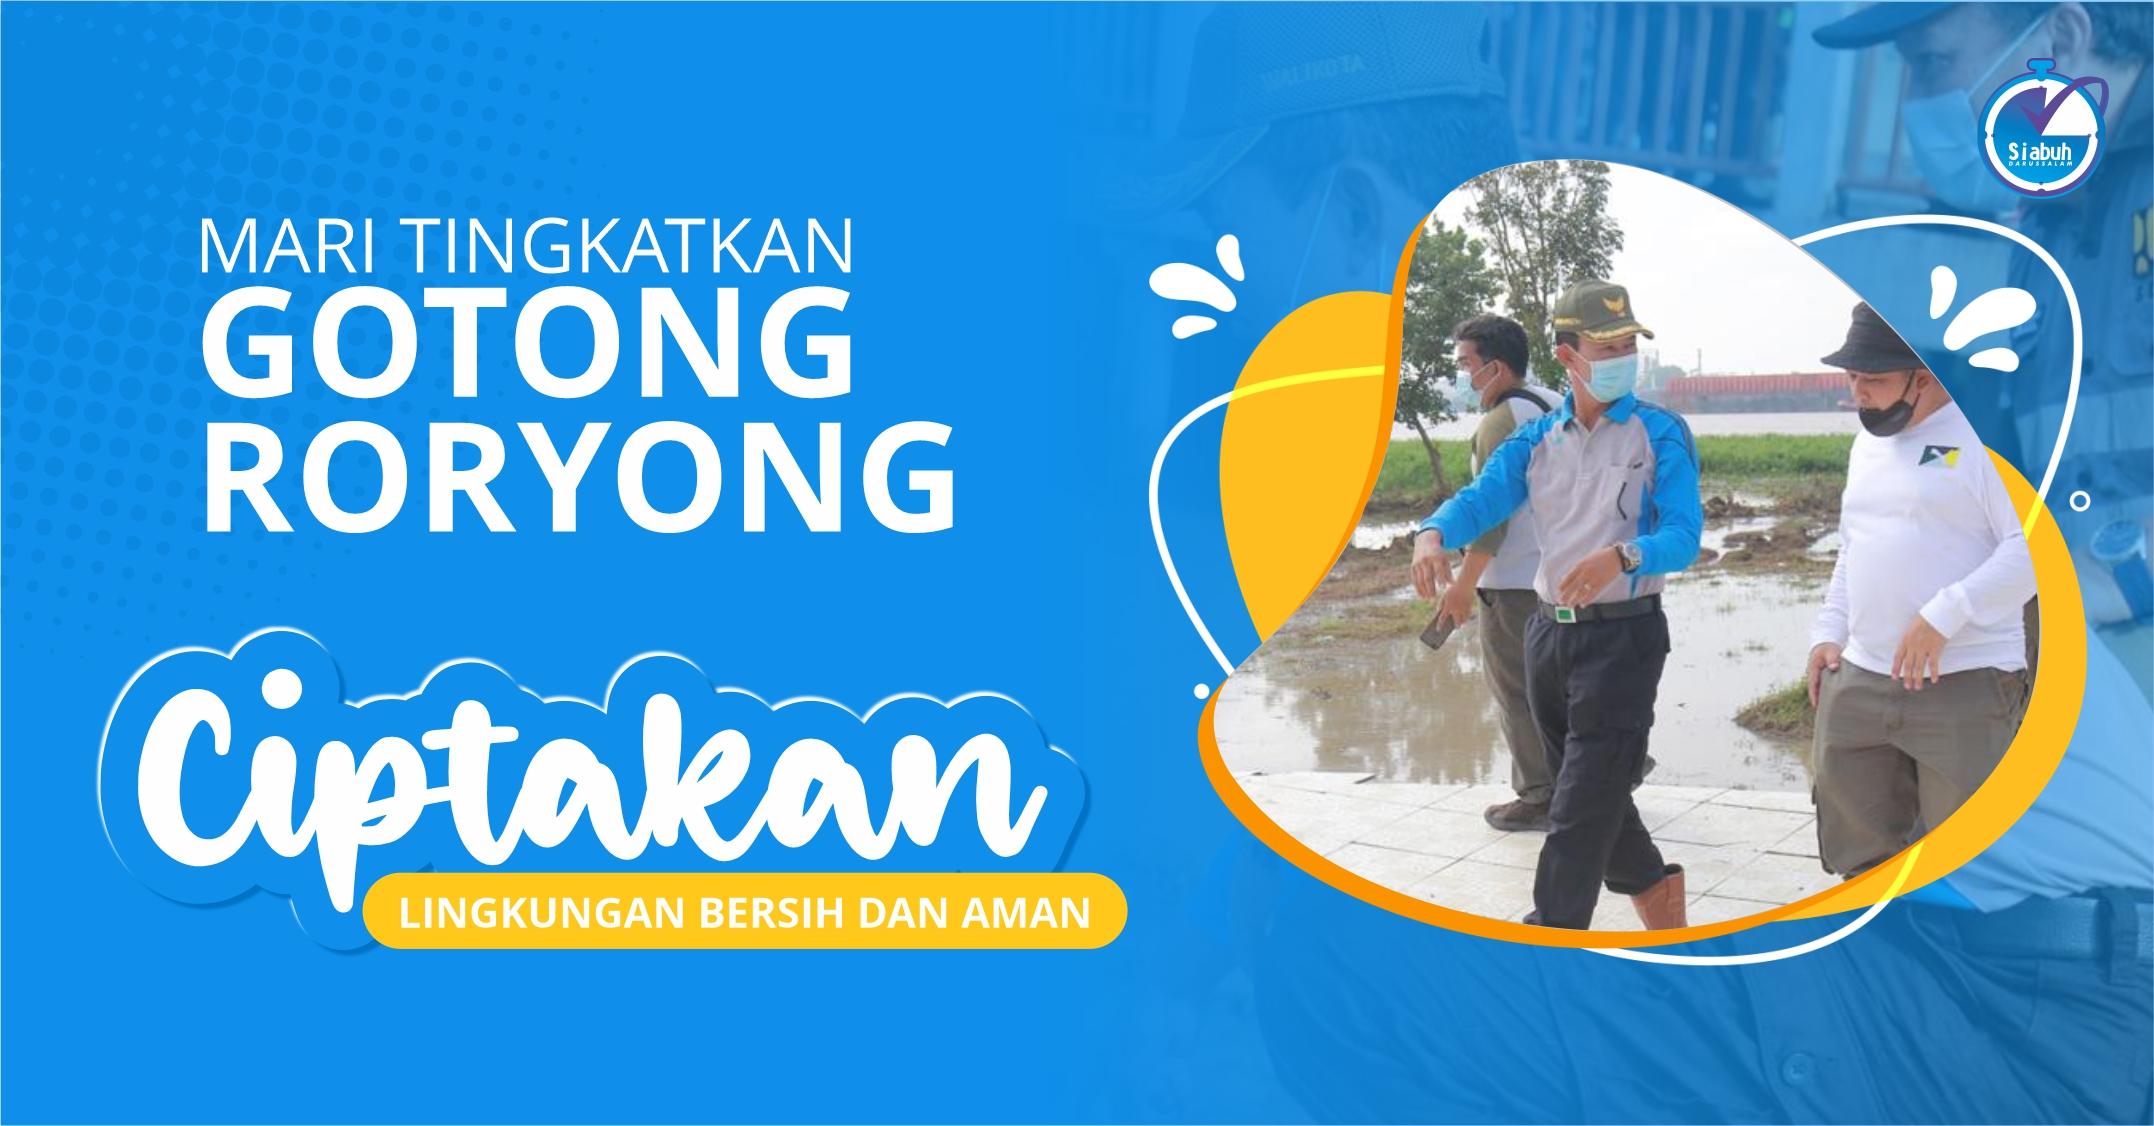 KANAN-GOTONG ROYONG